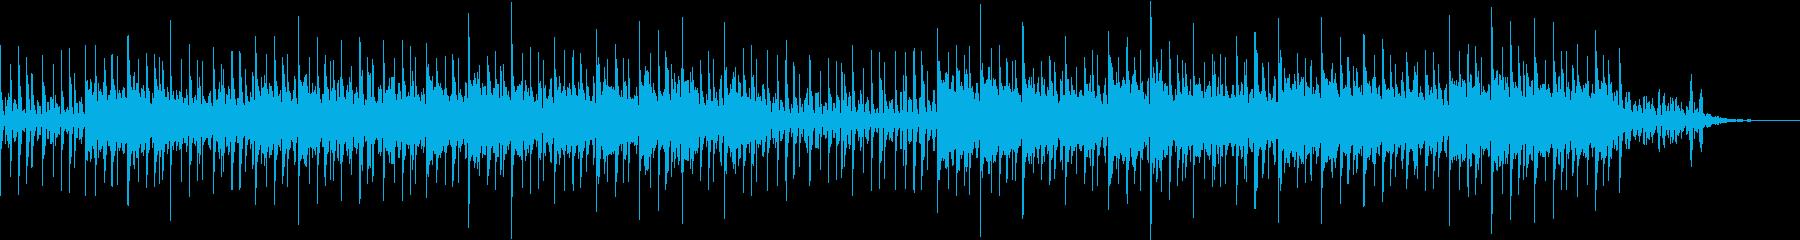 壮大なポストロック風シンセ ループ音源の再生済みの波形